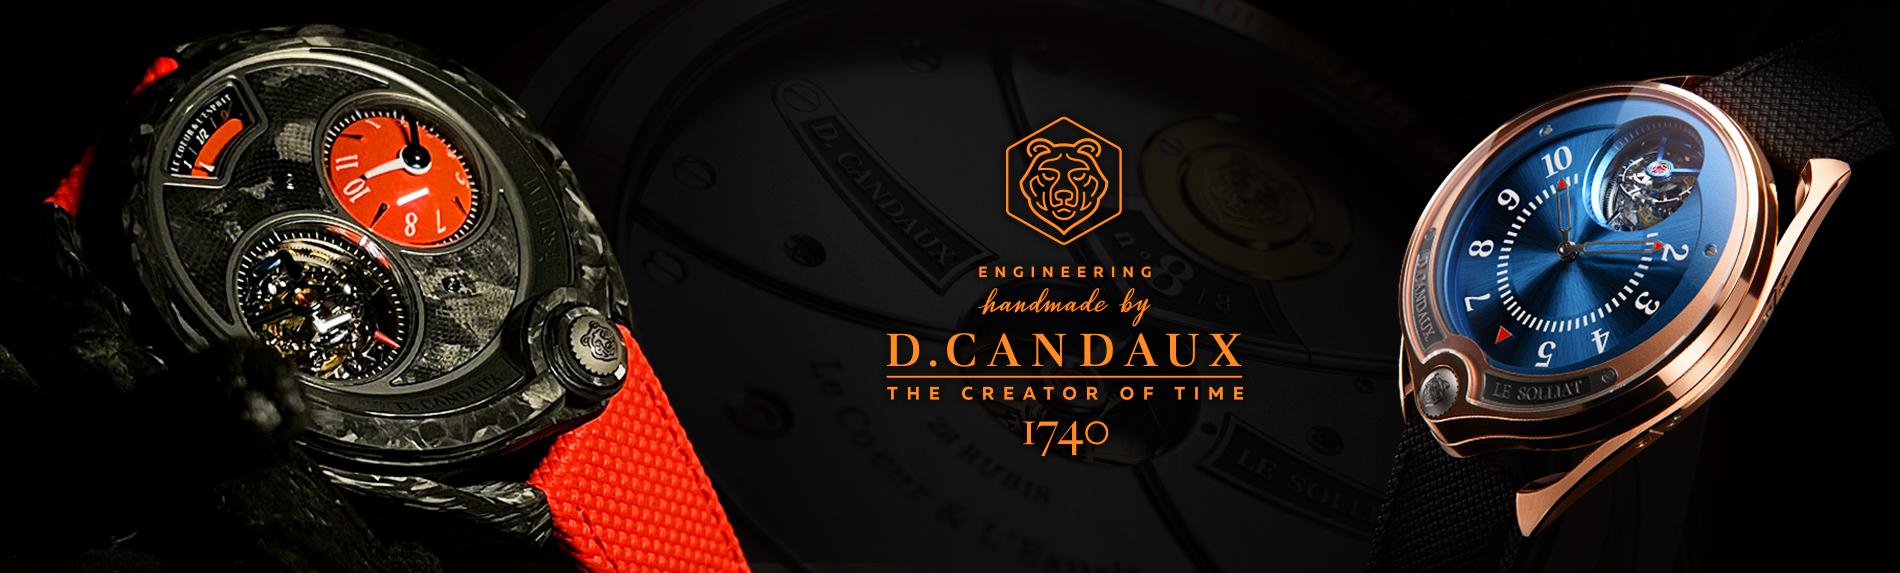 D. Candaux